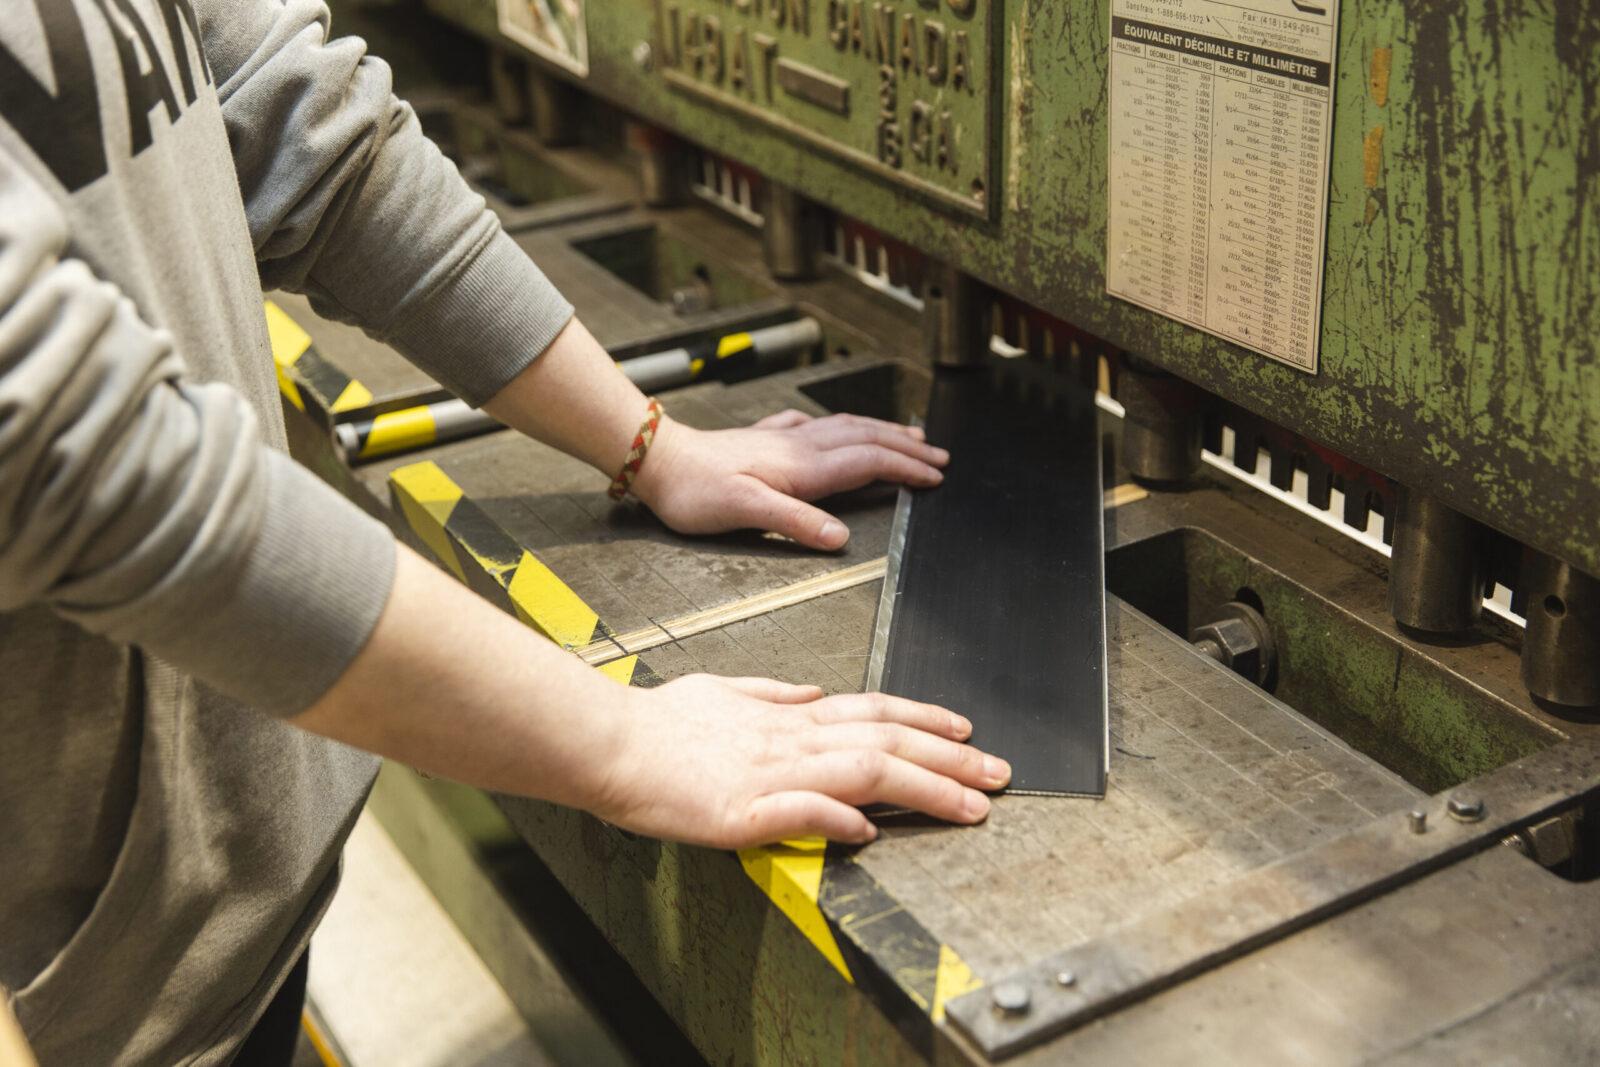 Production et transformation, Atelier des Vieilles Forges